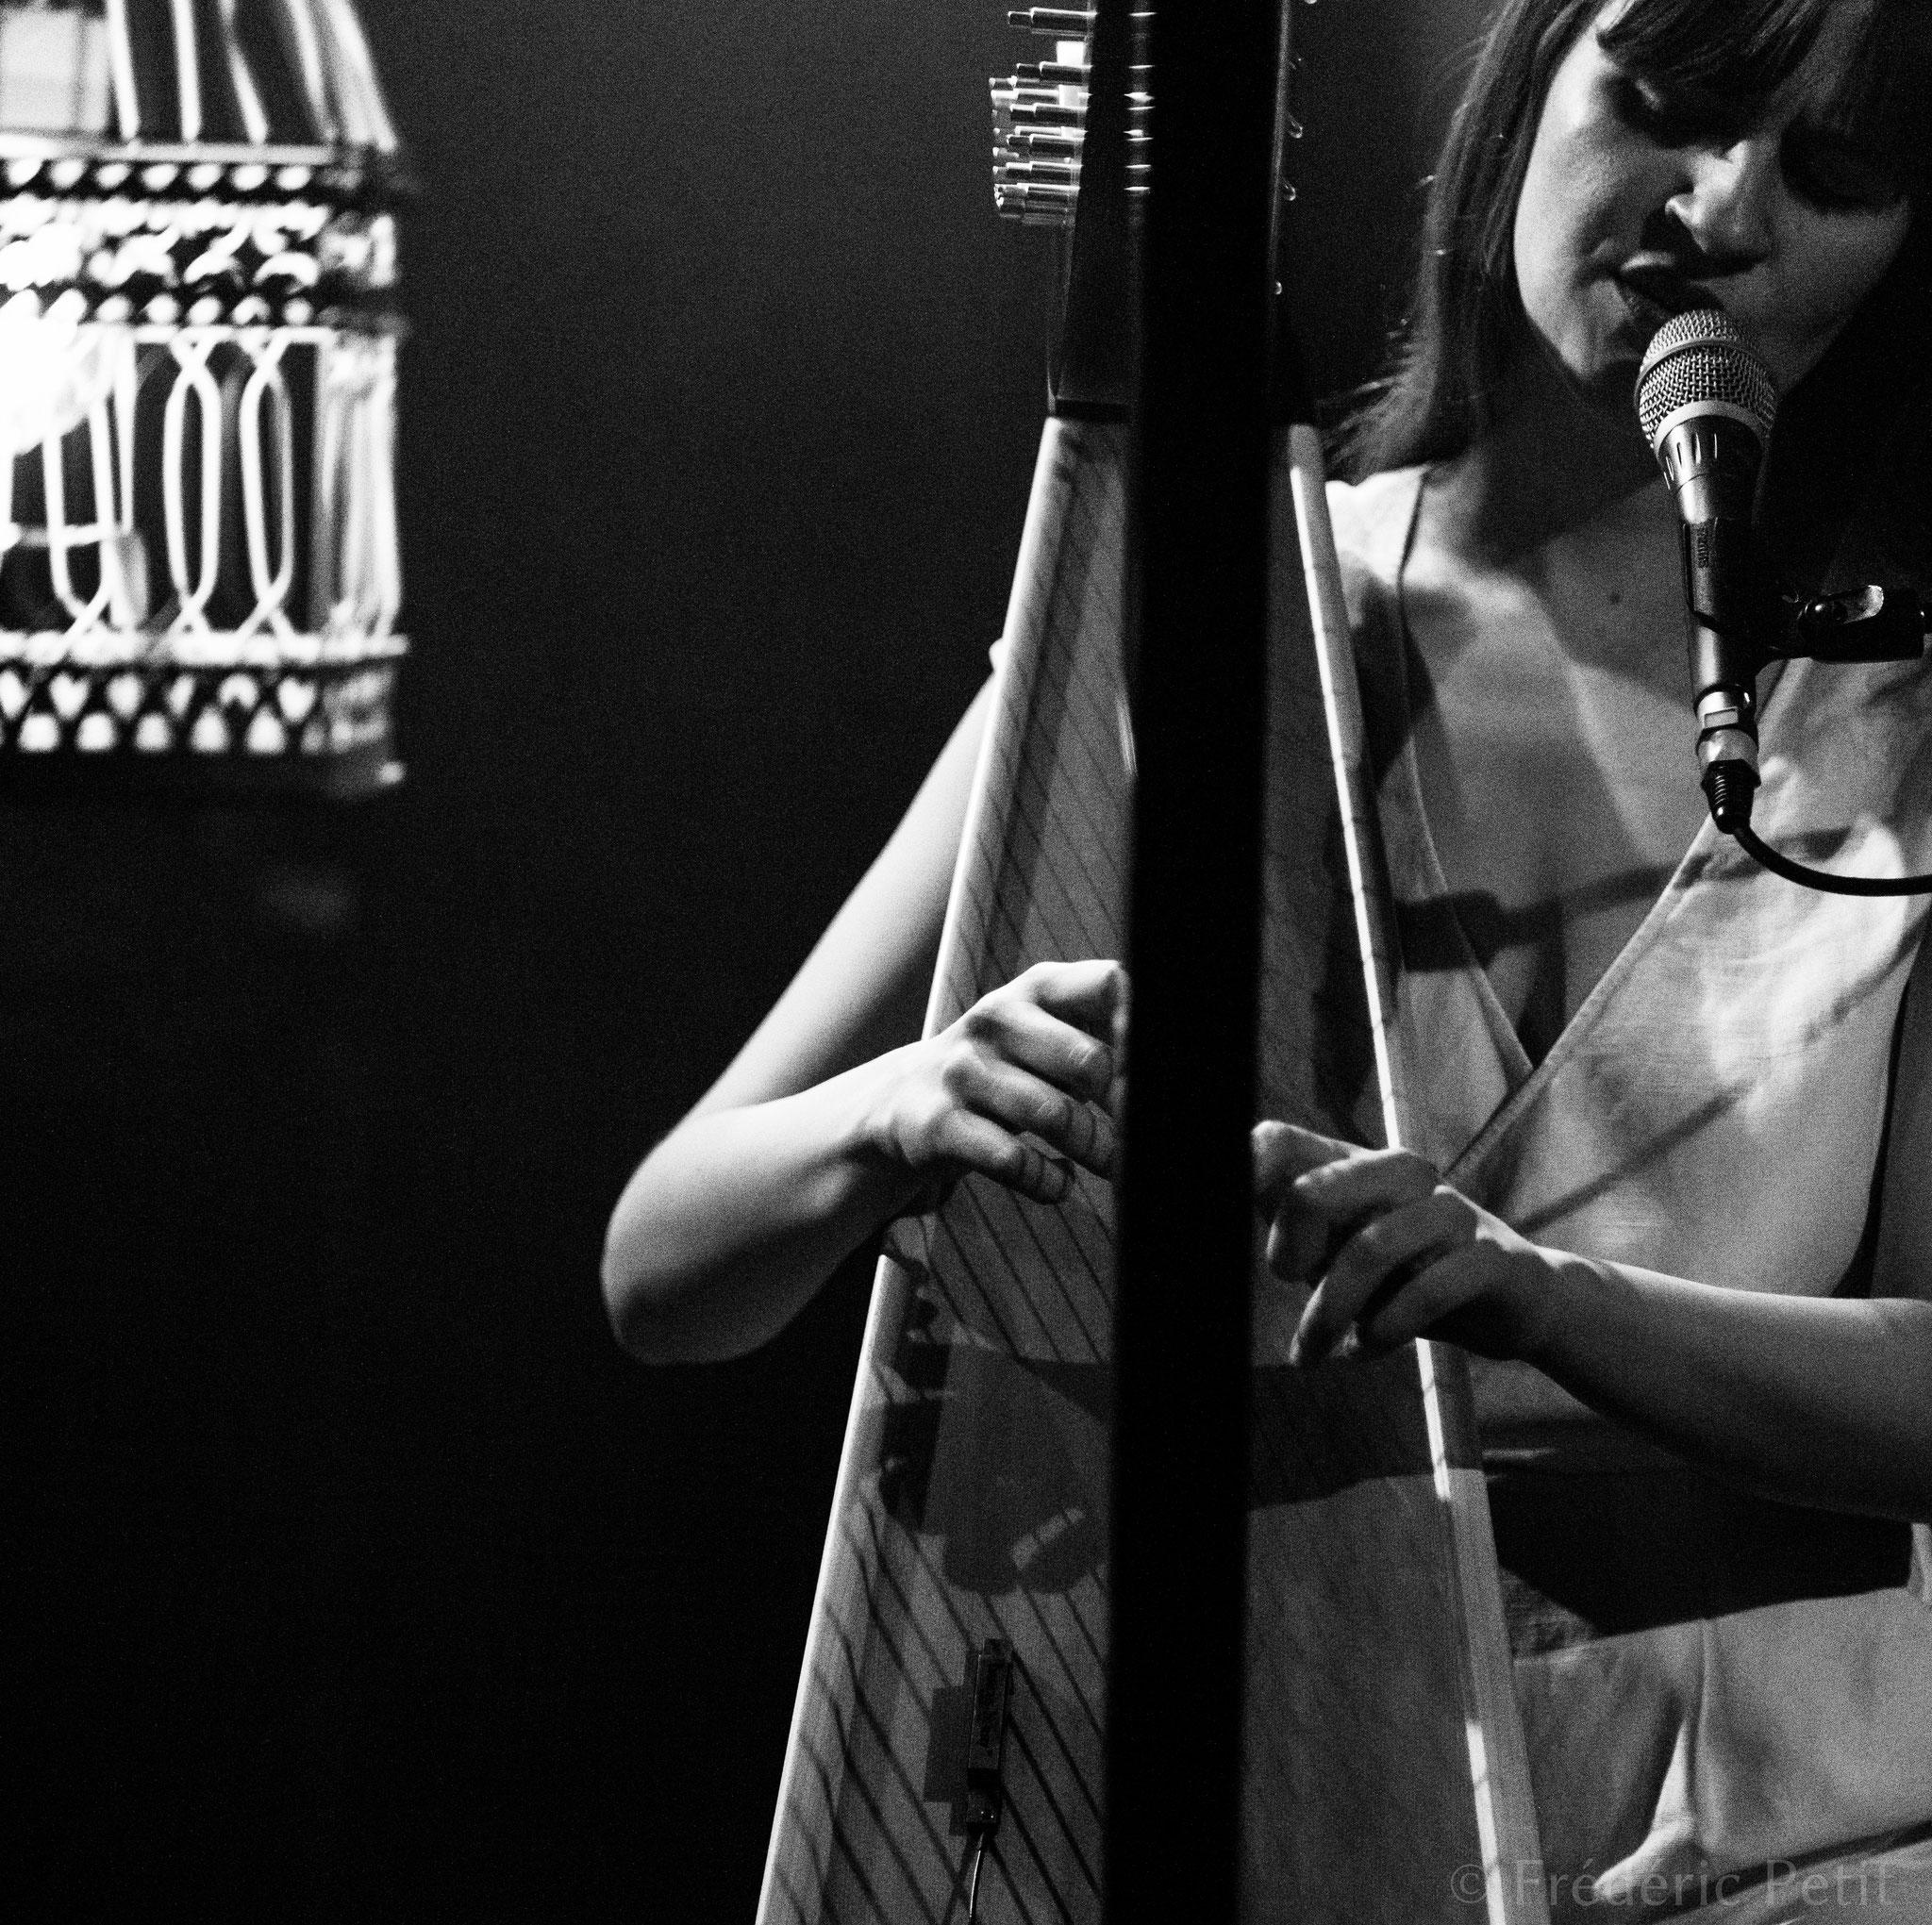 4 décembre 2017 - Émilie & Ogden @ La Maroquinerie (Festival Aurores Montréal)